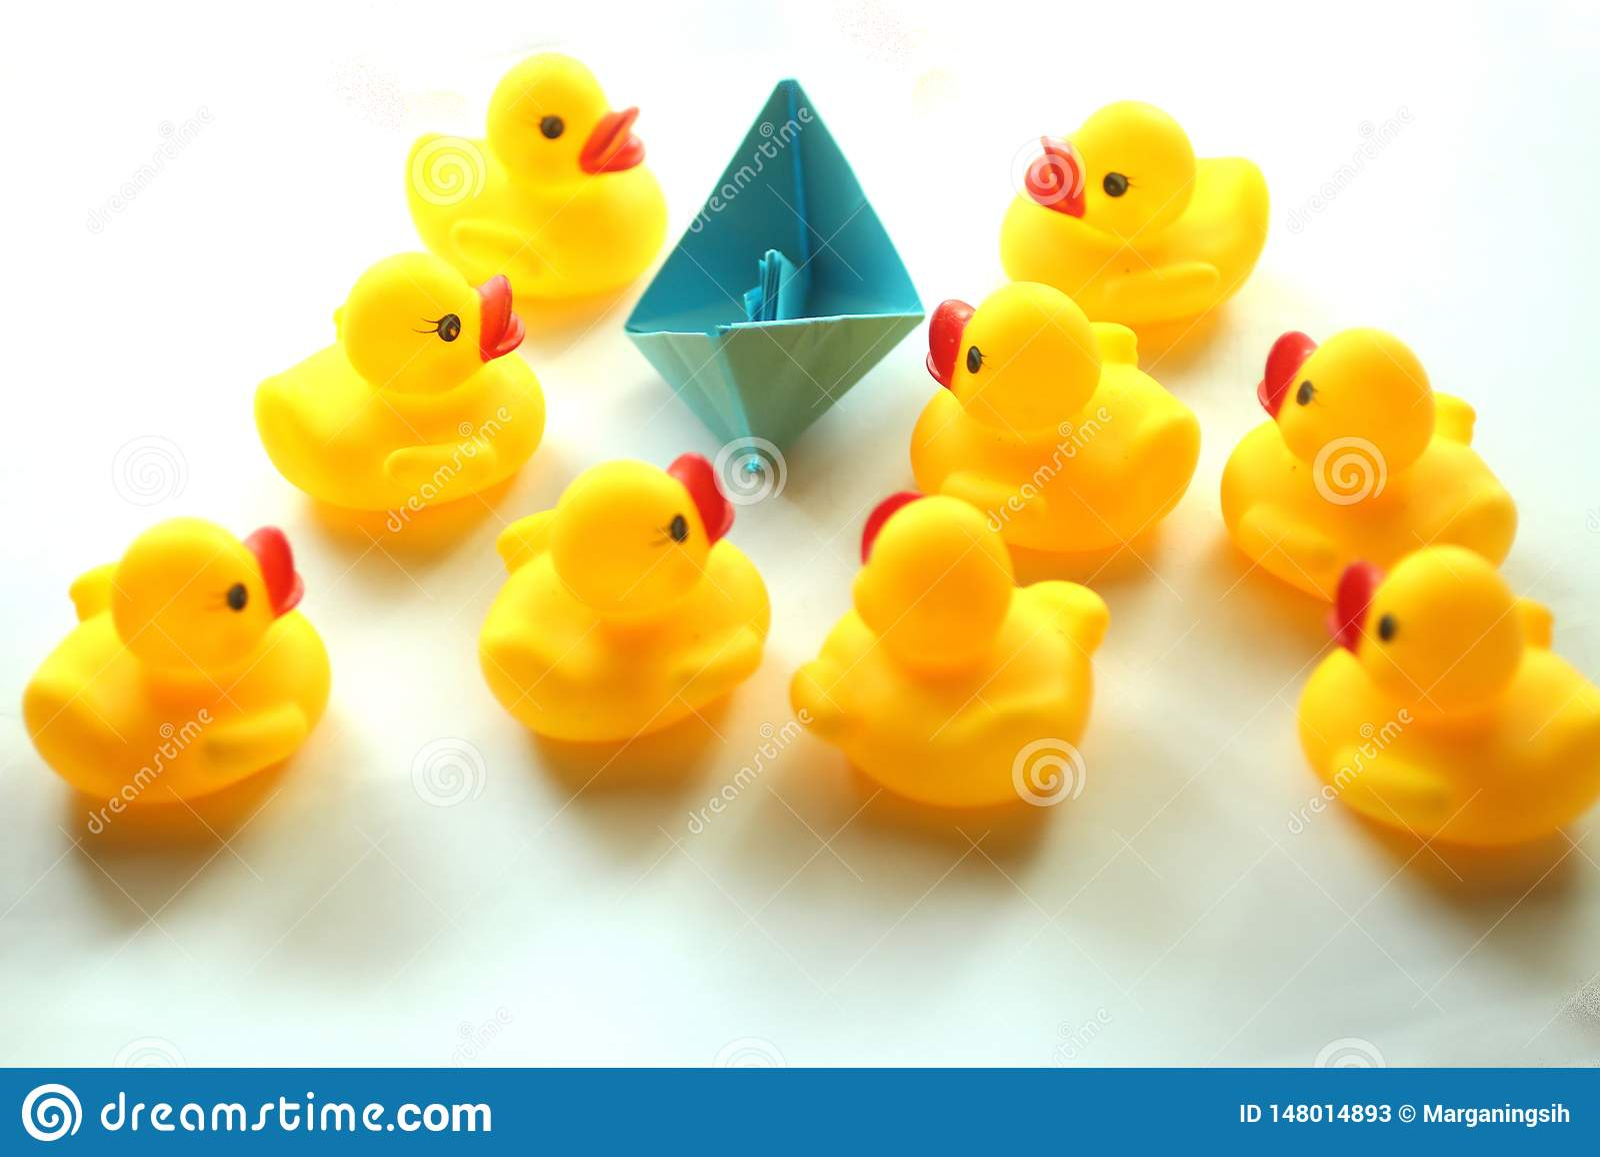 逗人喜爱的黄色橡胶鸭子和一条纸origami小船在蓝色